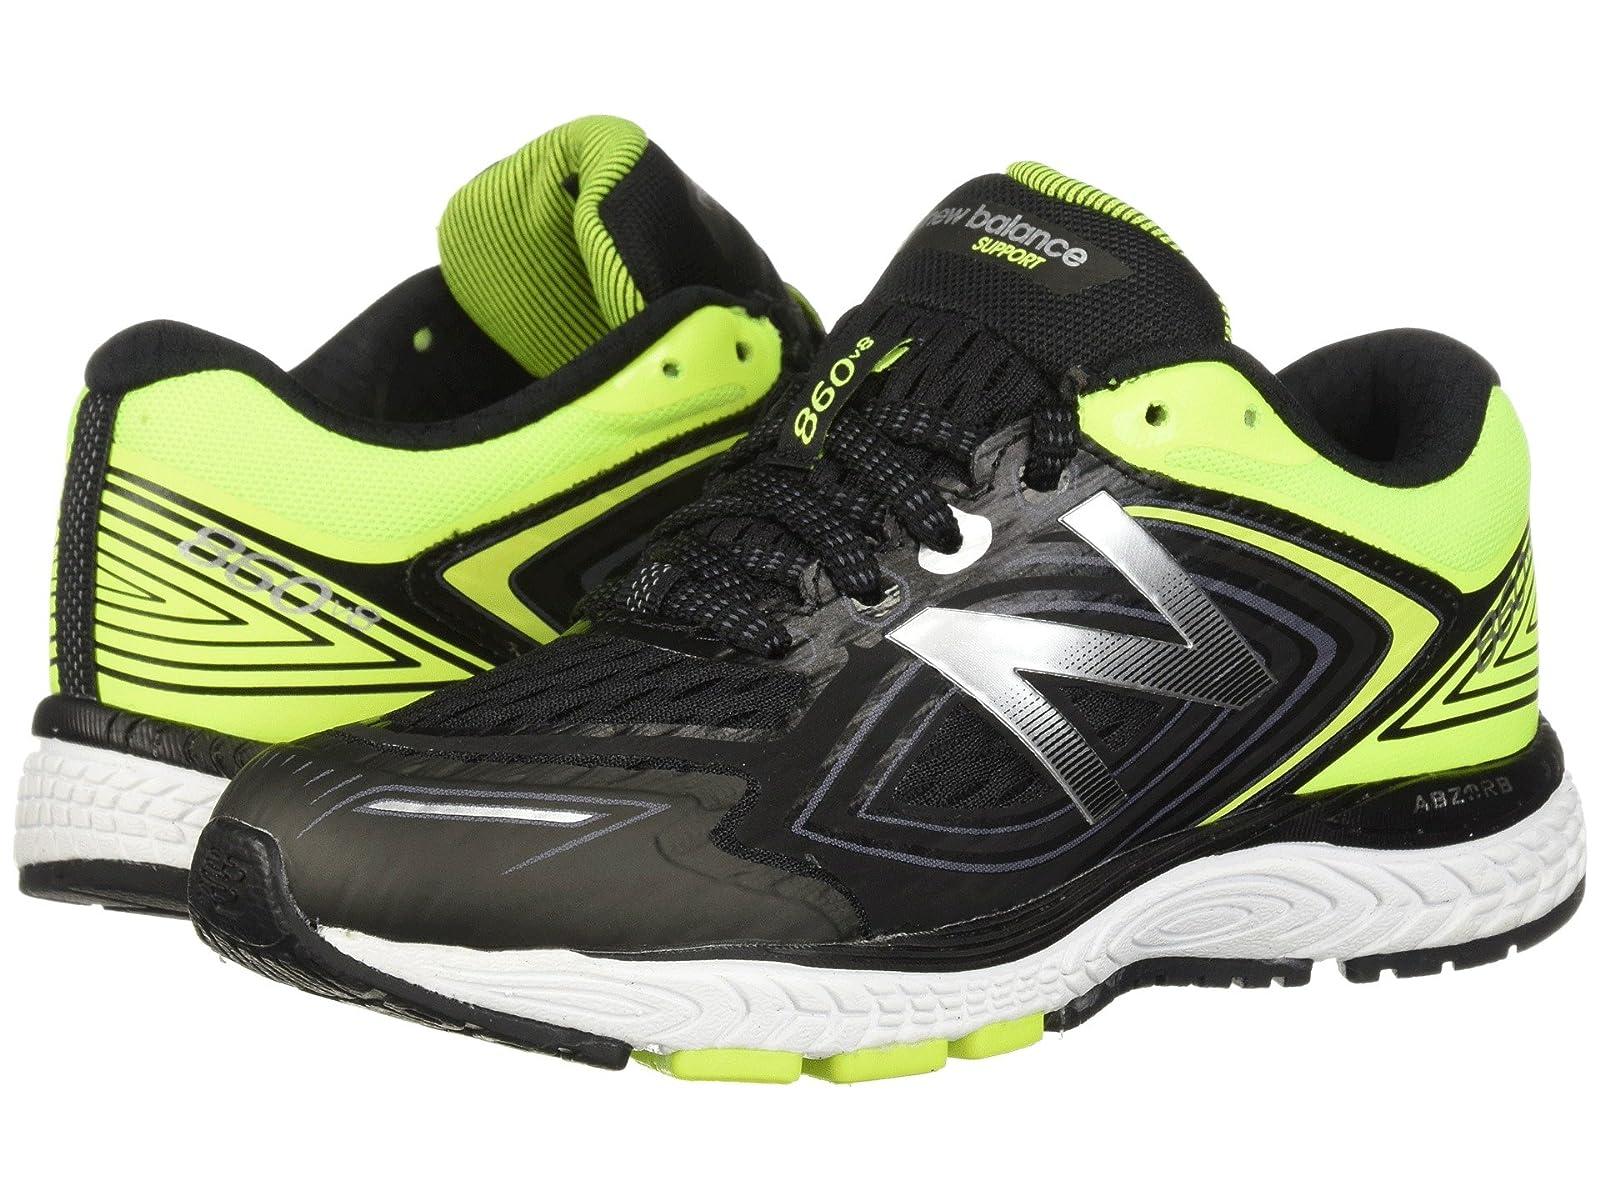 New Balance Kids KJ860v8Y (Little Kid/Big Kid)Atmospheric grades have affordable shoes